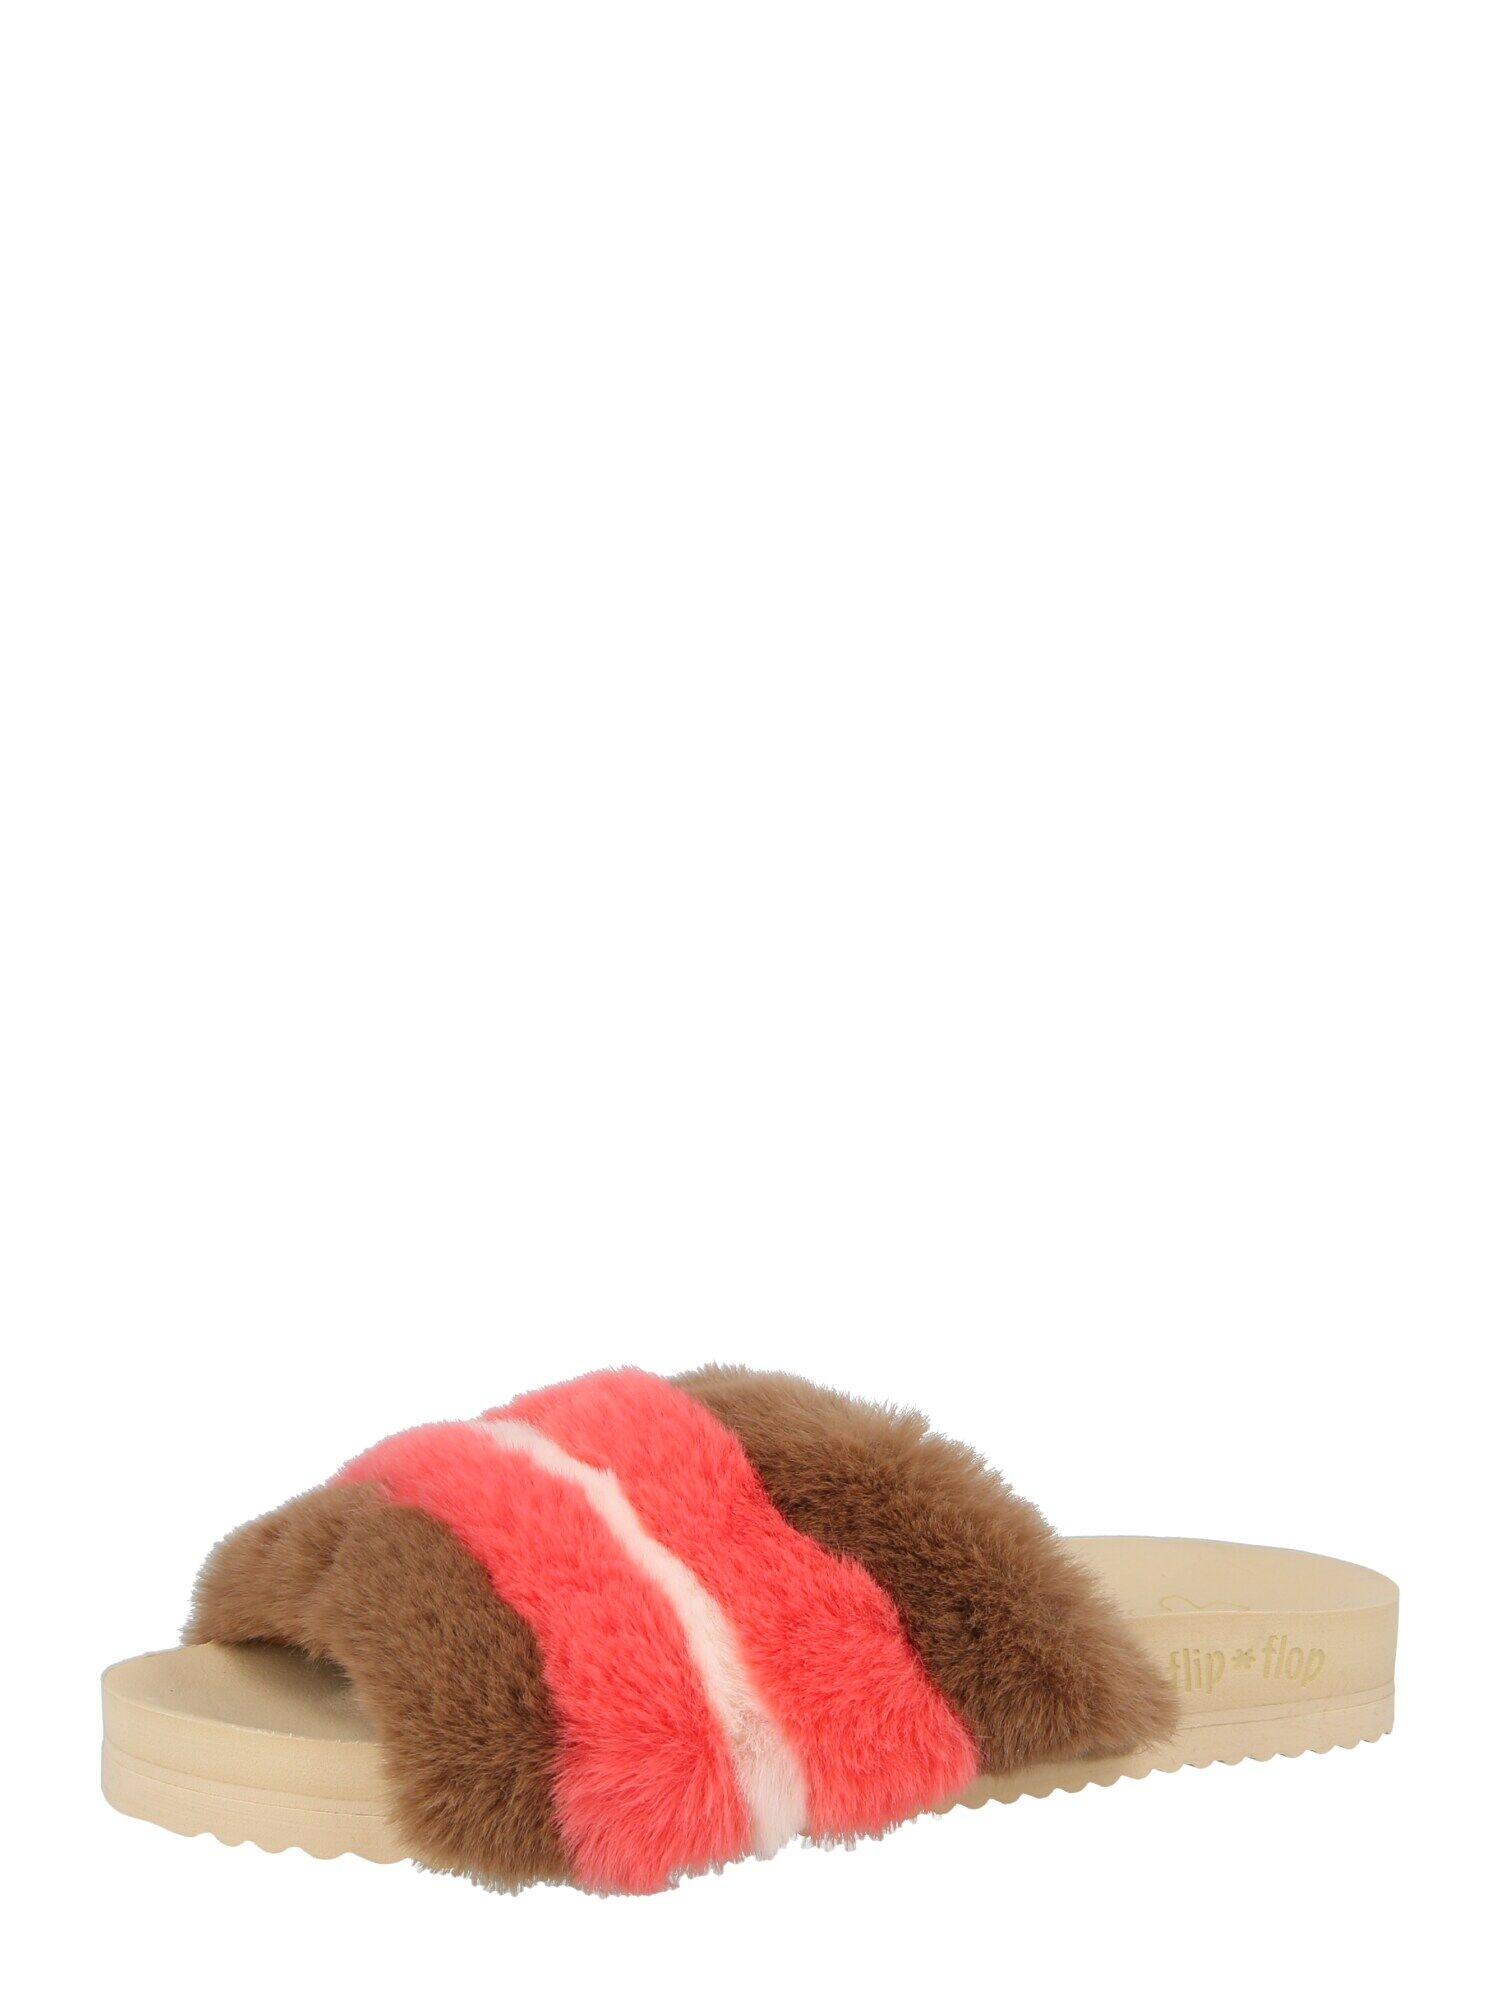 FLIP*FLOP Pantoufle  - Beige - Taille: 37 - female